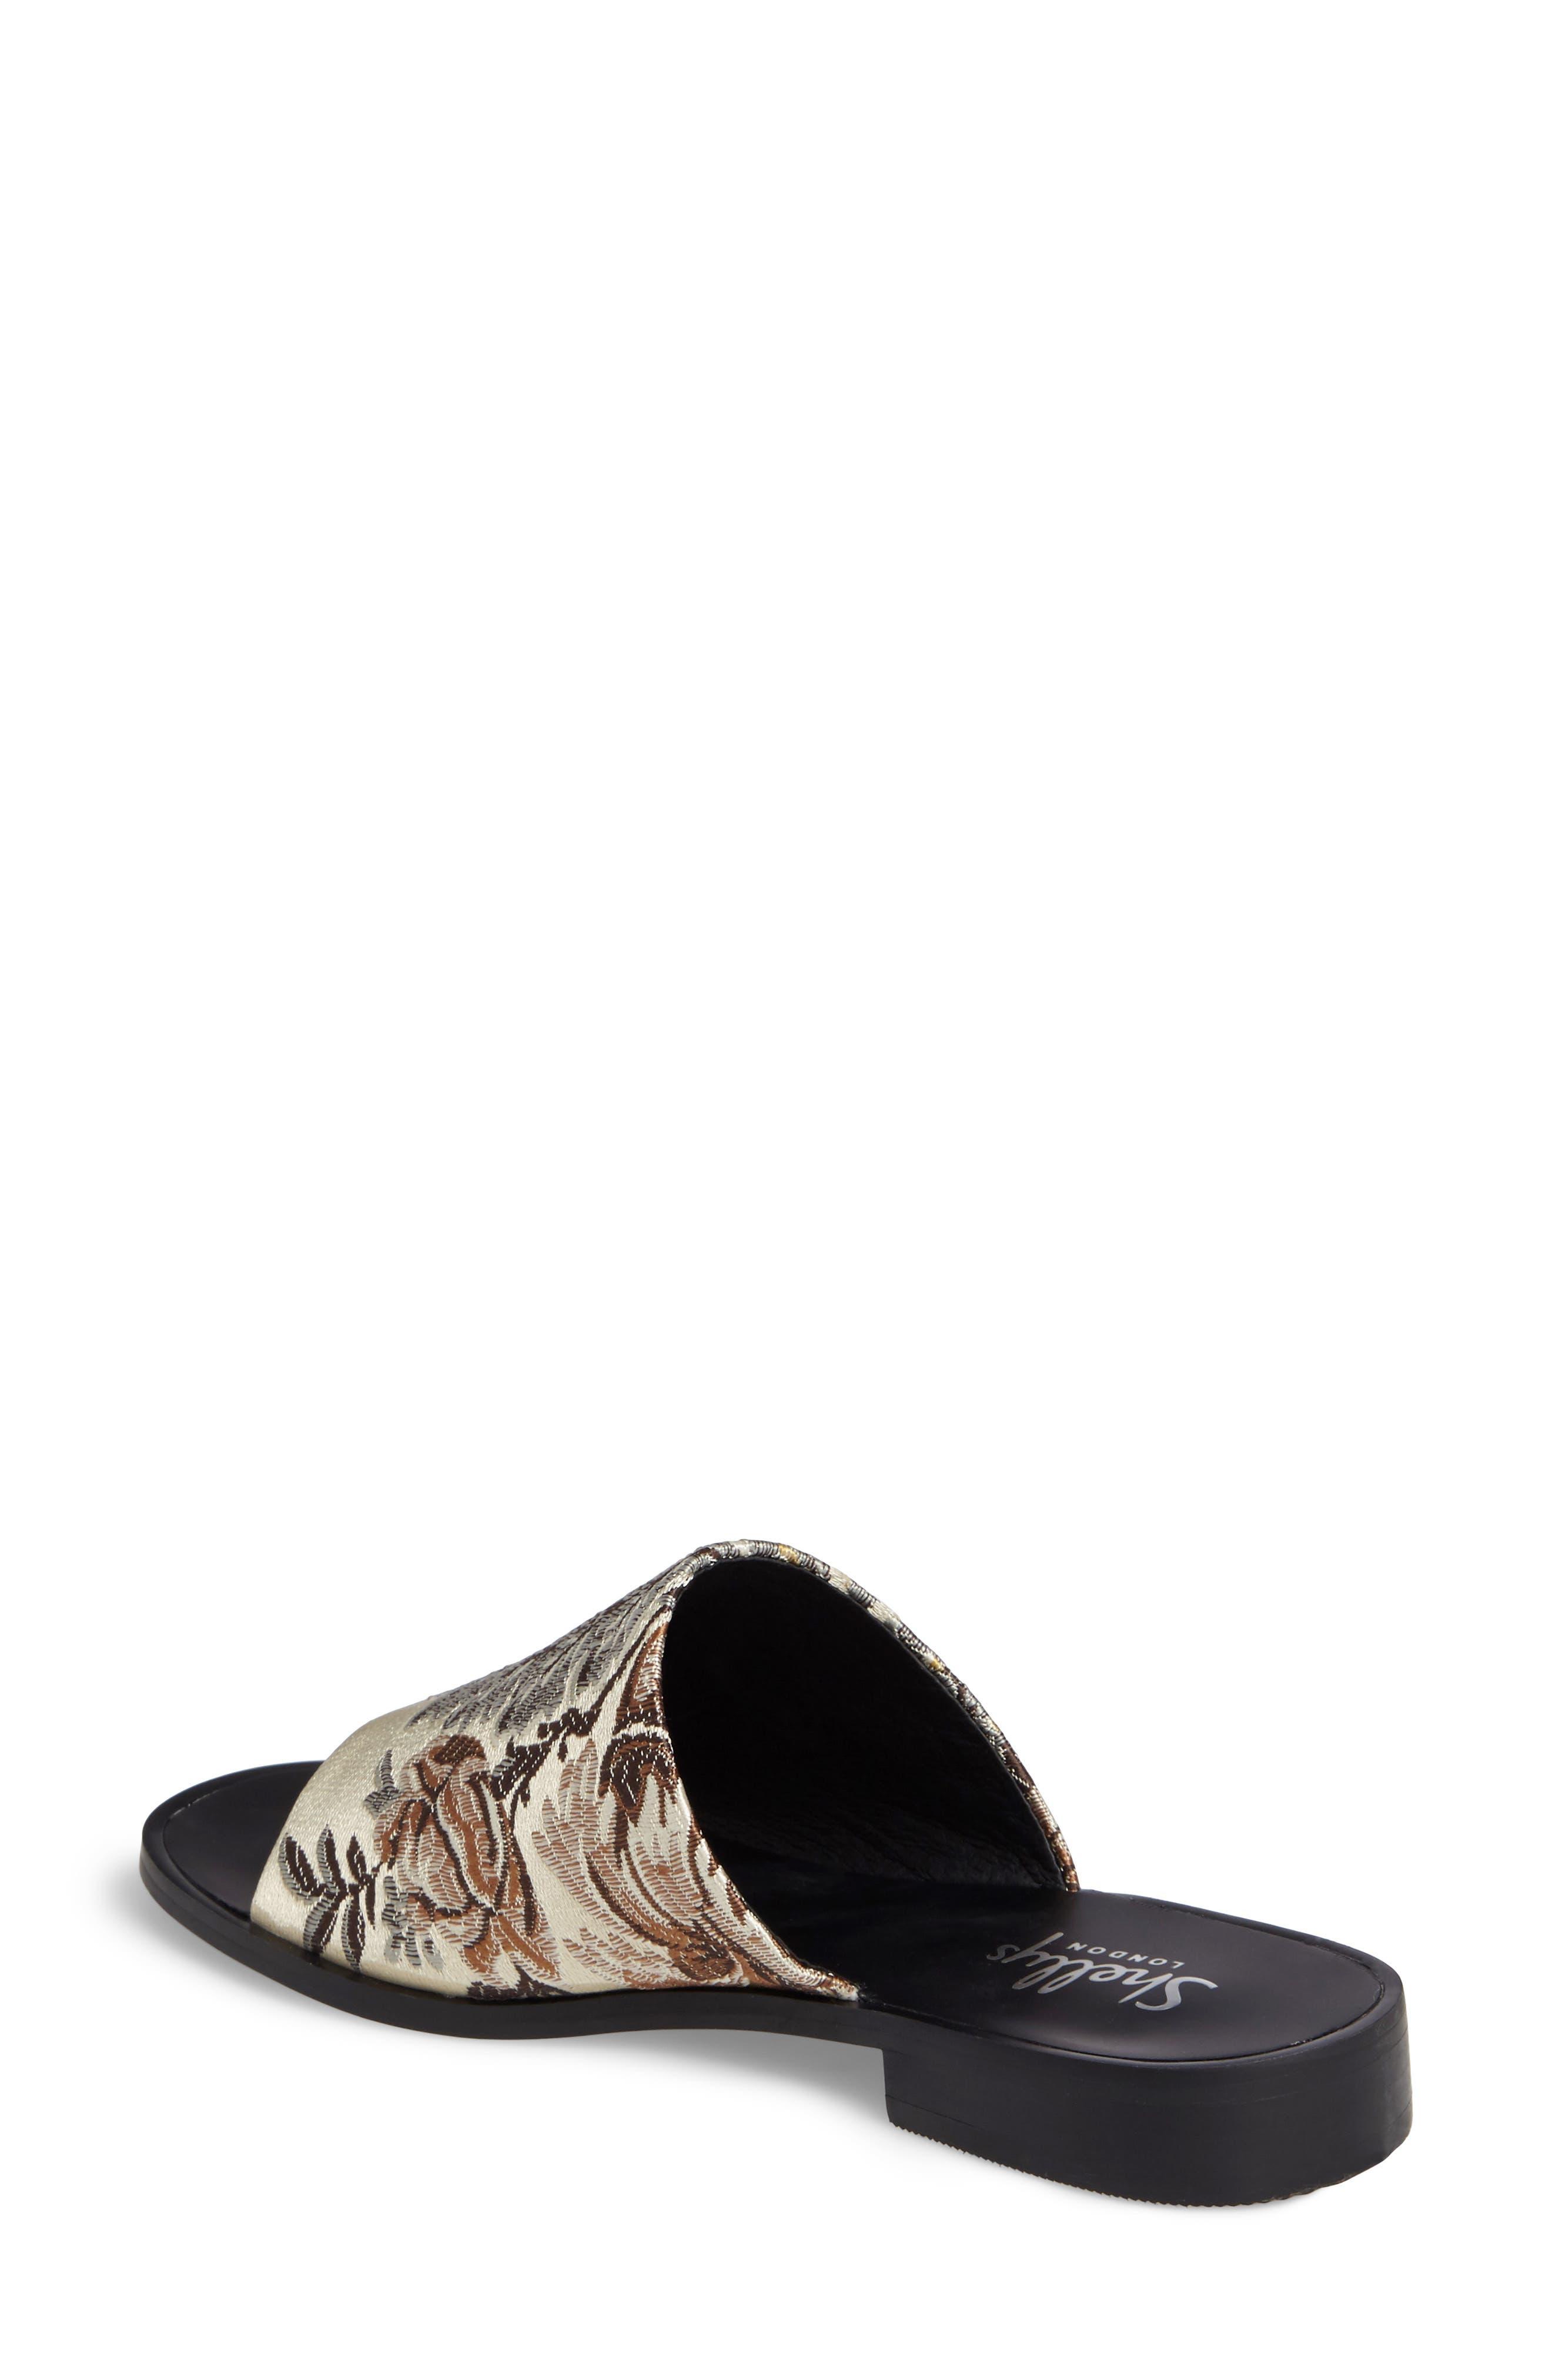 Alternate Image 2  - Shellys London Enya Brocade Slide Sandal (Women)